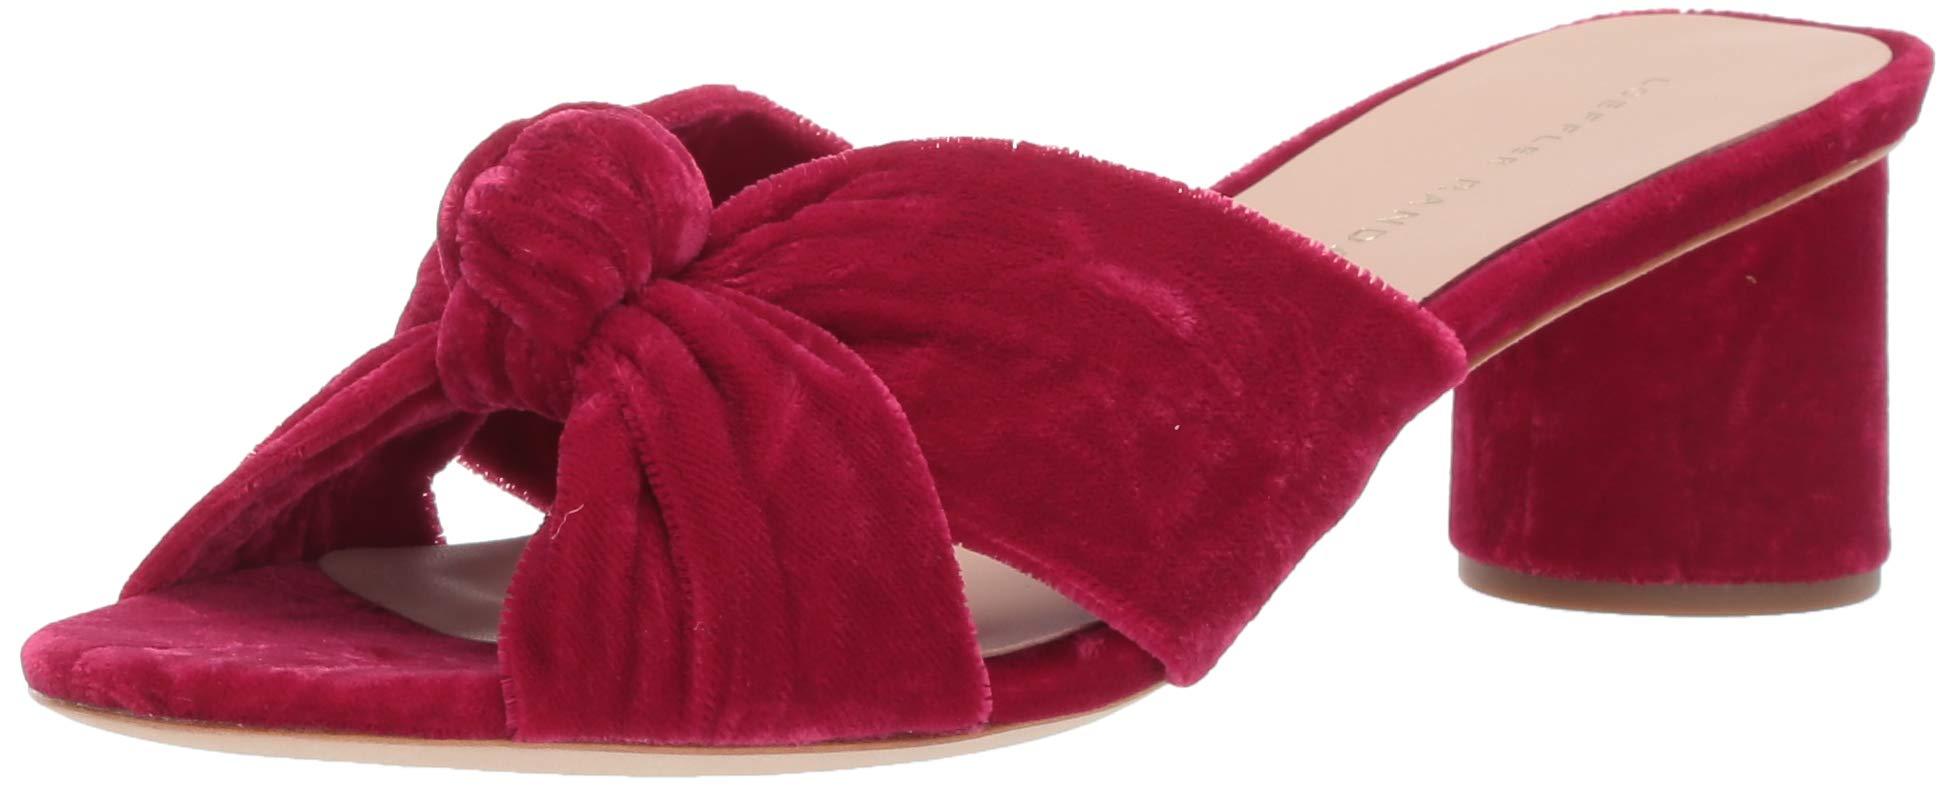 Loeffler Randall Women's Celeste-CVL Slide Sandal Hibiscus 9 Medium US